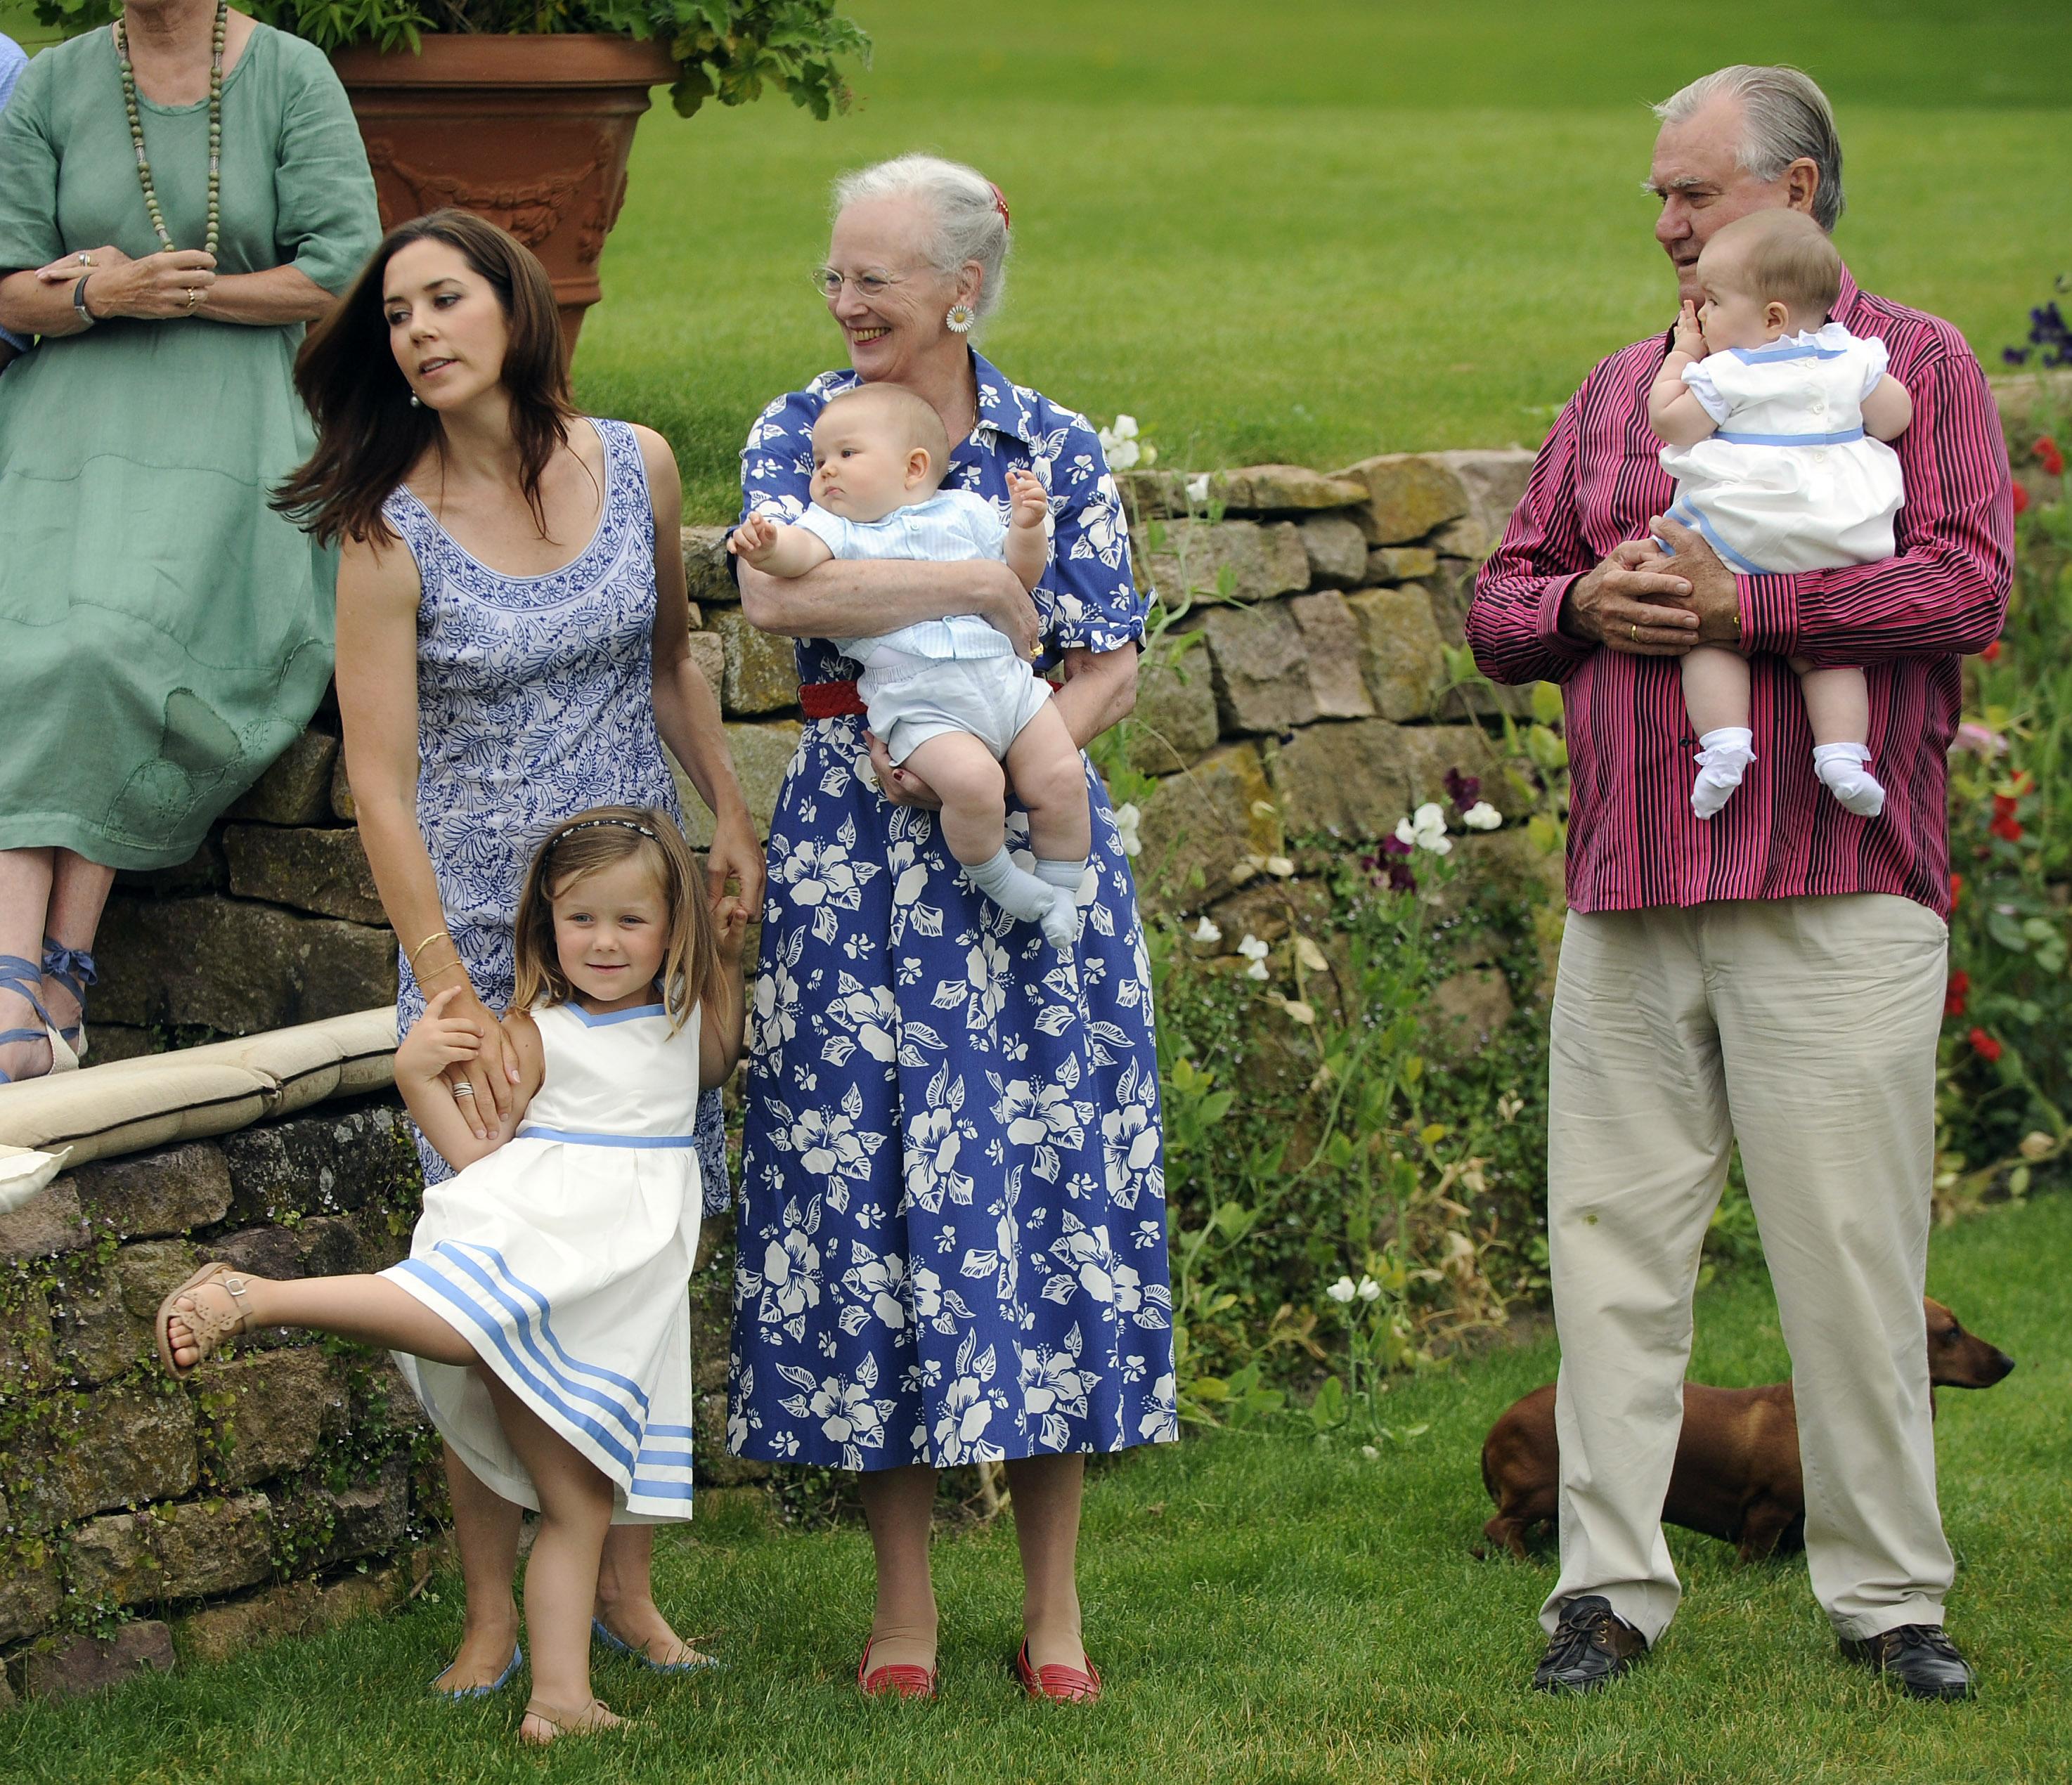 Още един интересен факт е, че всичките осем внука на кралицата посещават държавни училища, без да се създава излишен шум около тях.